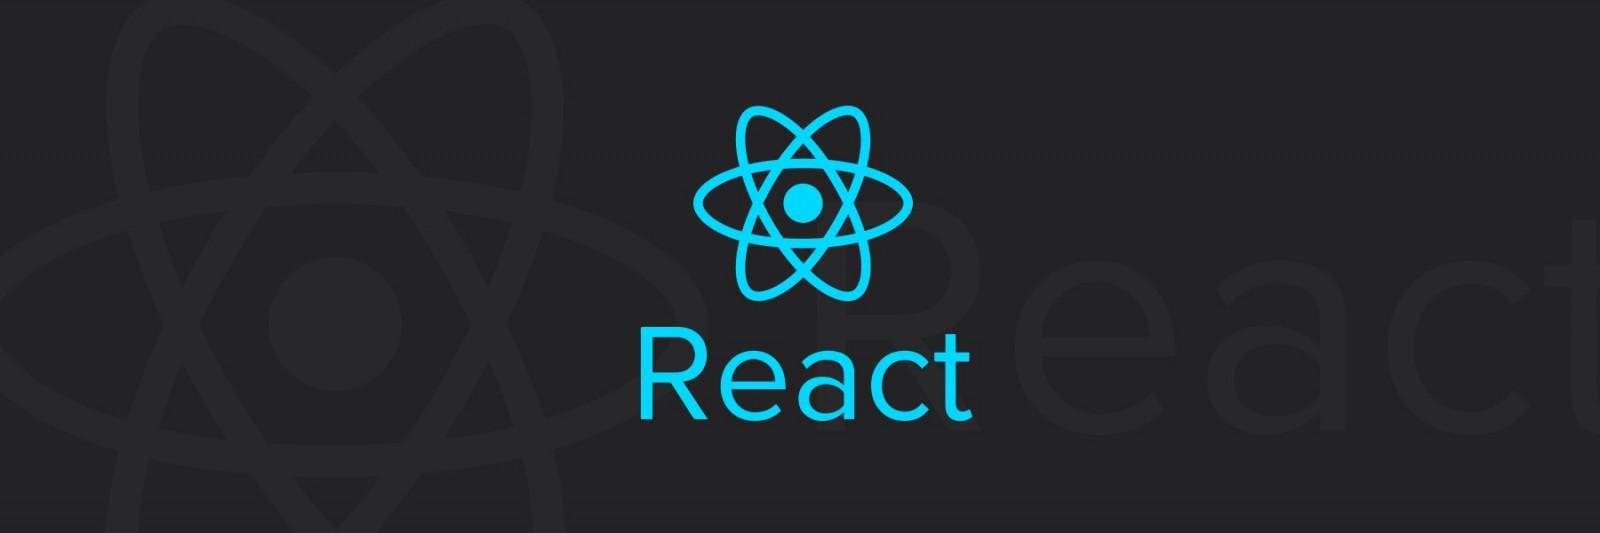 Обработка событий в React